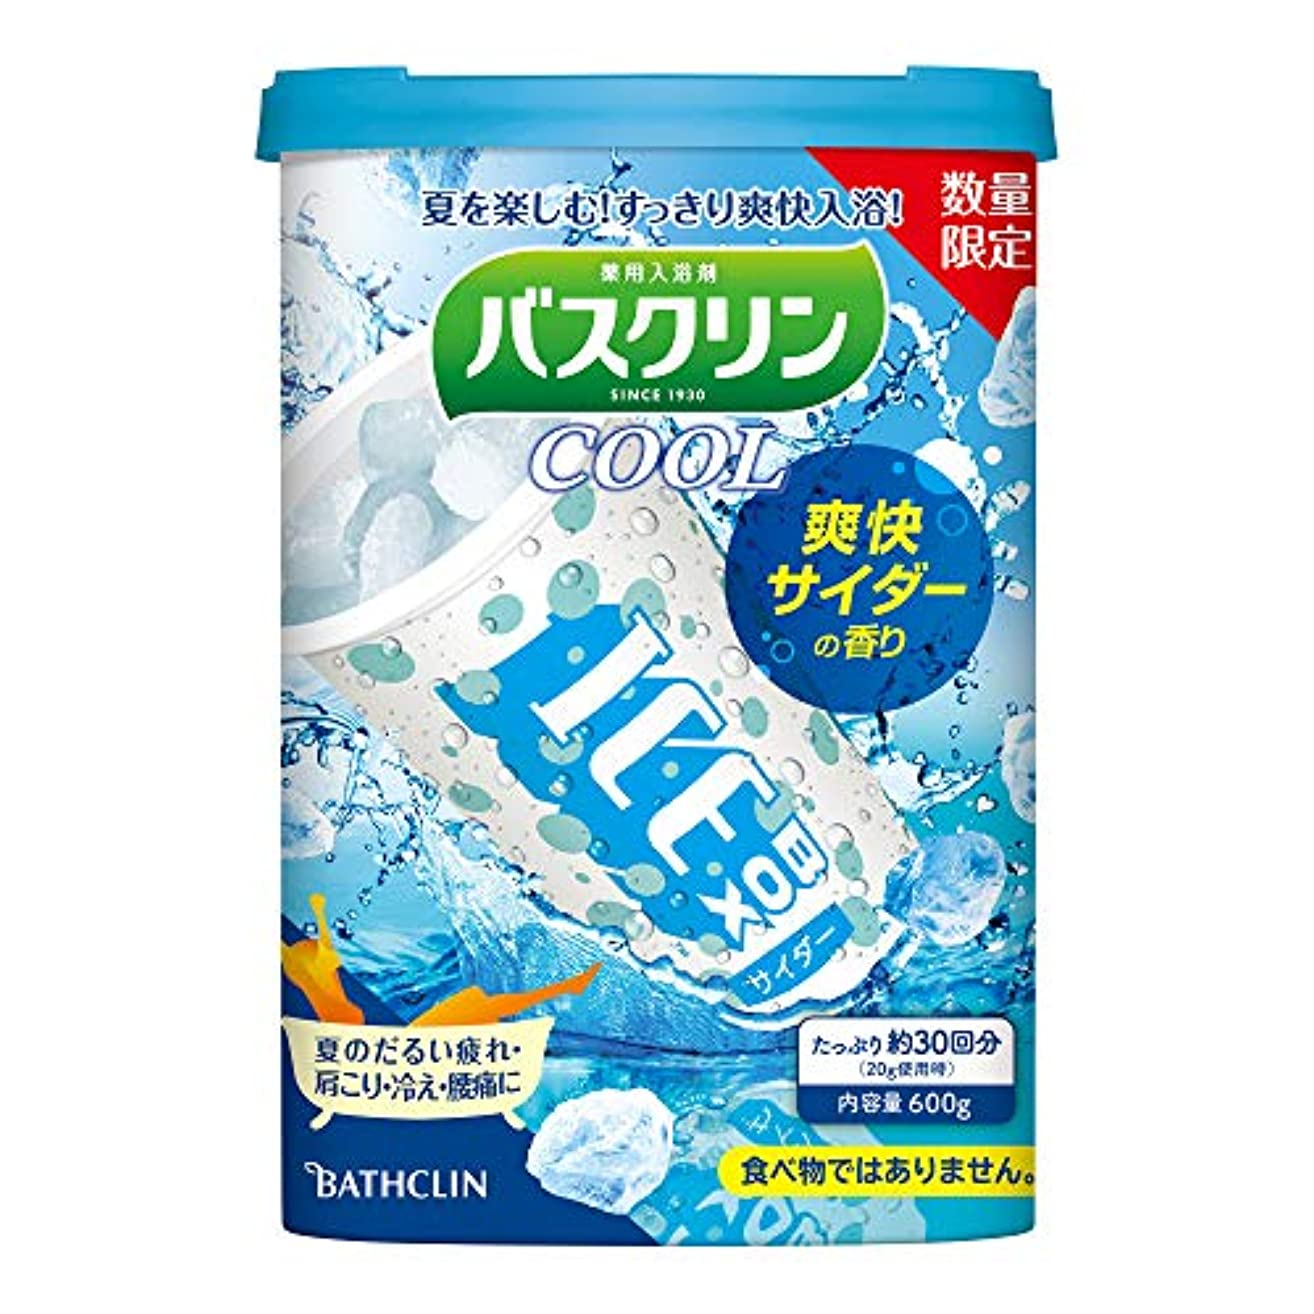 【医薬部外品/数量限定品】バスクリンクール入浴剤 ICEBOX爽快サイダーの香り 600g(約30回分) クール入浴剤 すっきりさわやか